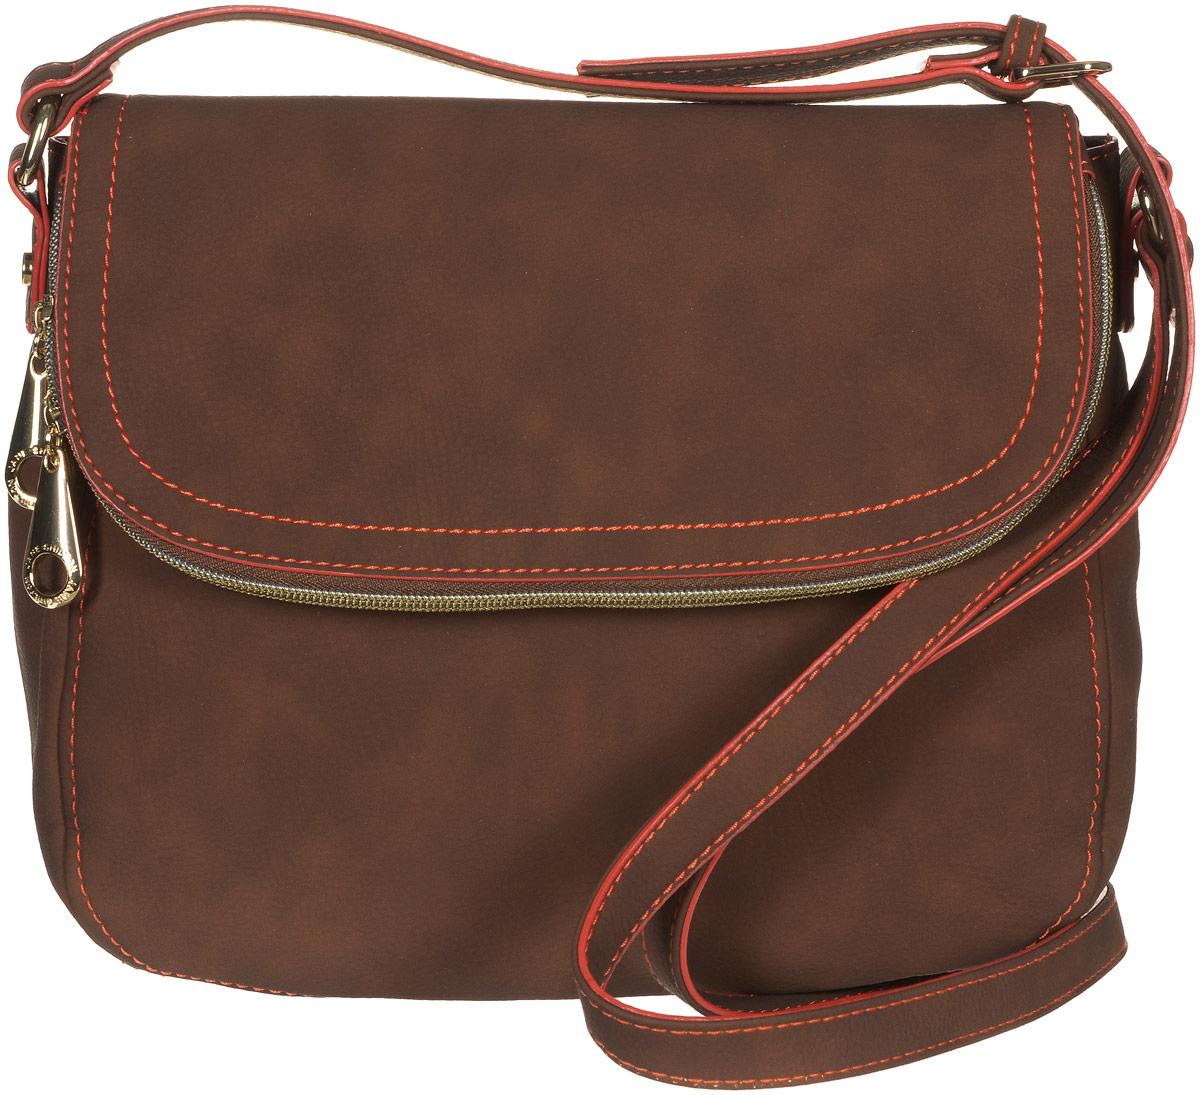 Сумка женская Jane Shilton, цвет: коричневый. 214523008Стильная сумка Jane Shilton не оставит вас равнодушной благодаря своему дизайну и практичности. Она изготовлена из качественной искусственной кожи и оформлена контрастной прострочкой. На тыльной стороне расположен удобный вшитый карман на молнии. Сумка оснащена удобным плечевым ремнем, длина которого регулируется с помощью пряжки. Изделие закрывается клапаном на магнитную кнопку. Клапан оснащен внутреннимвместительным карманом, который закрывается на удобную молнию. Внутри расположено главное отделение, которое содержит один открытый накладной карман для телефона и один вшитый карман на молнии для мелочей. Такая модная и практичная сумка завершит ваш образ и станет незаменимым аксессуаром в вашем гардеробе.